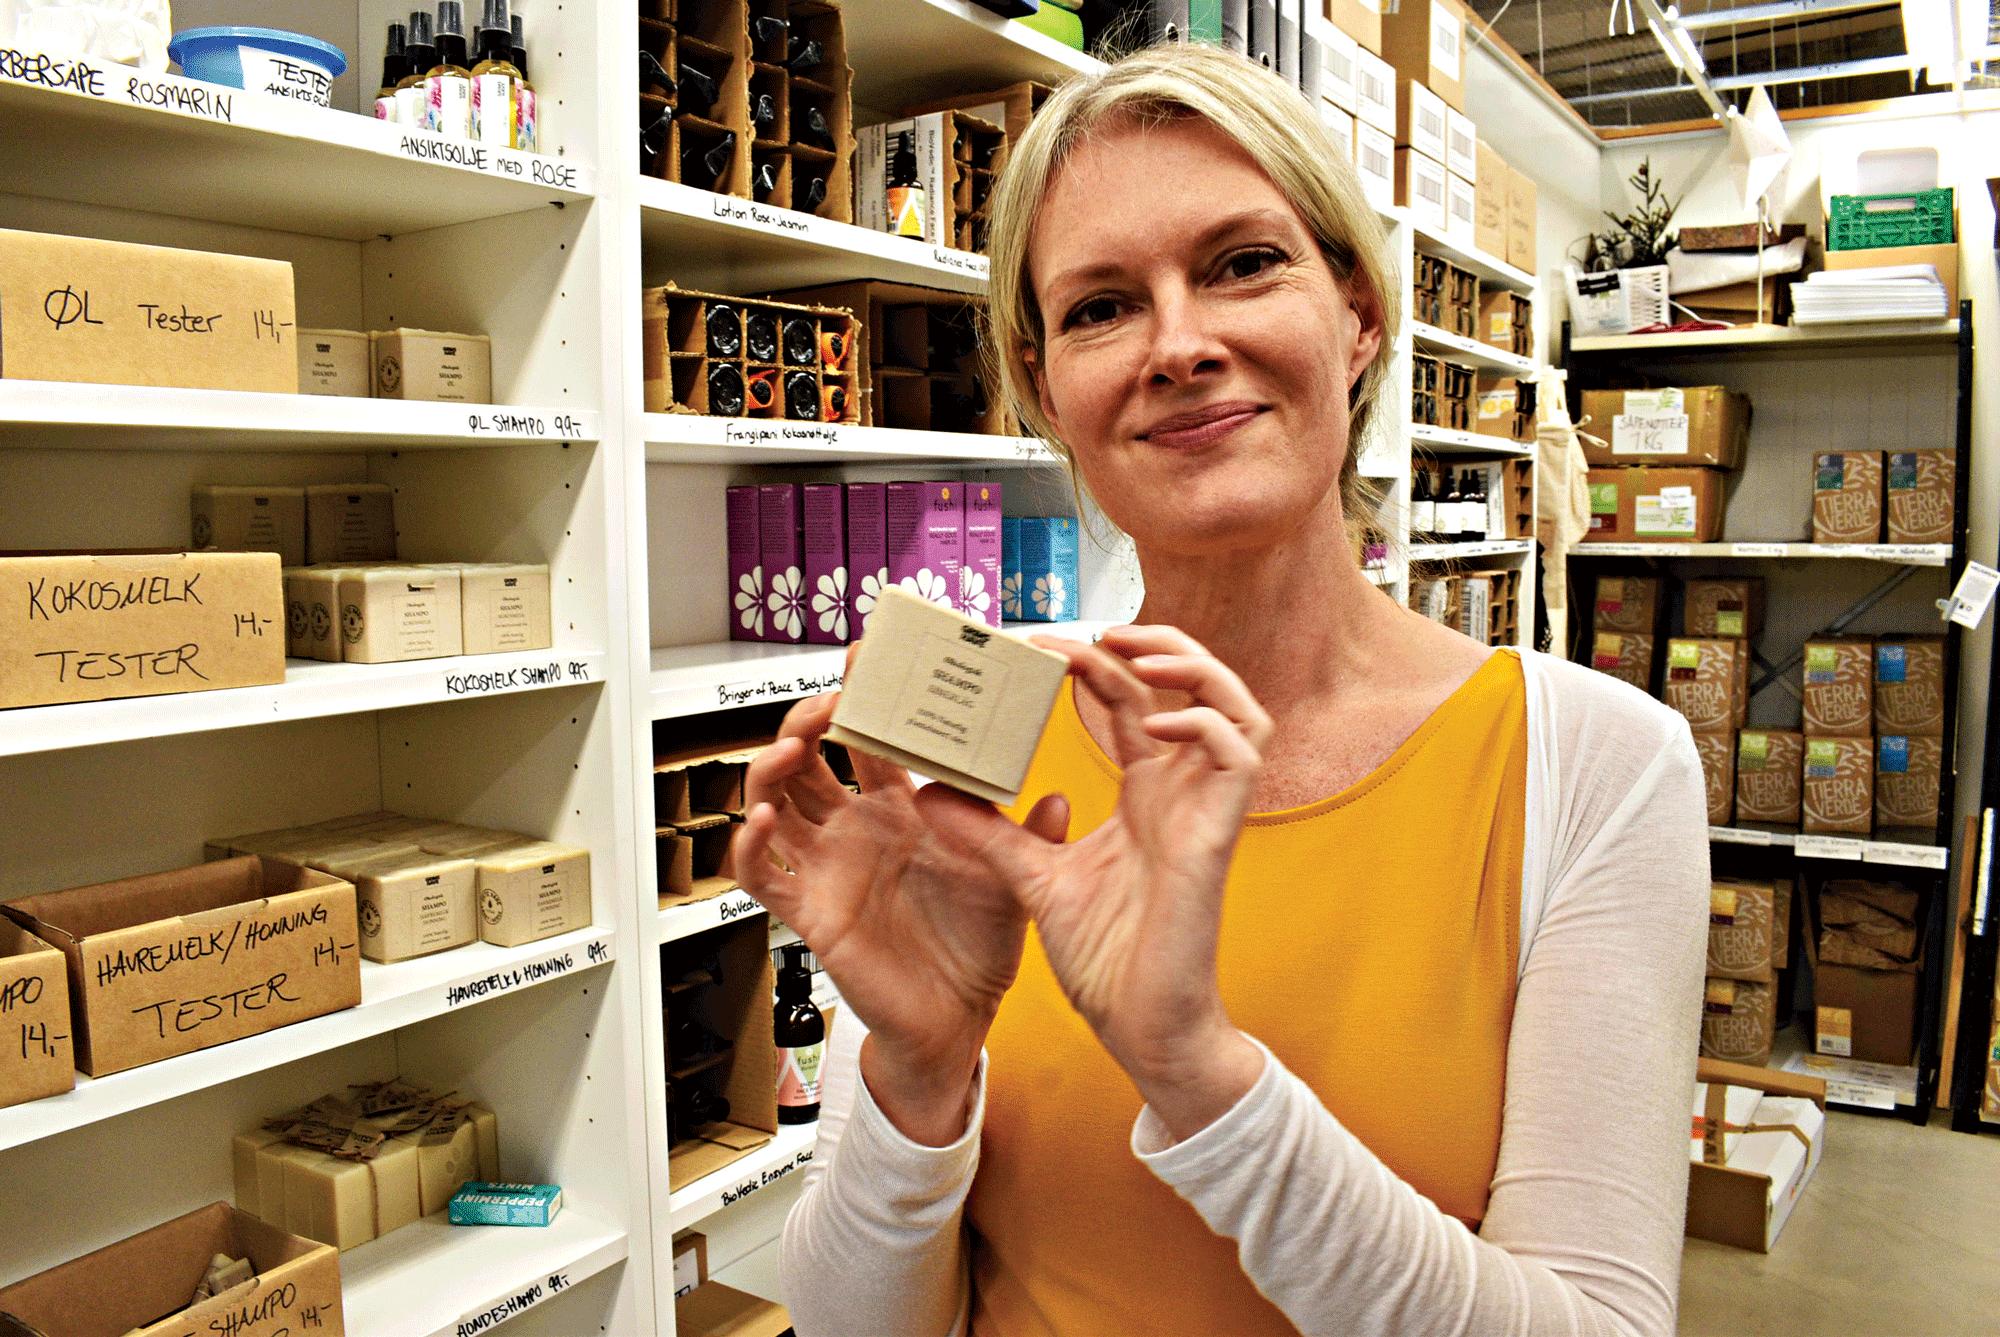 EMBALLASJE: - Miljøvennlig Håndsåpe Med Emballasje Som Er Nedbrytbar, Er Et Av Mange Bærekraftige Produkter, Sier Ingvild Endresen.